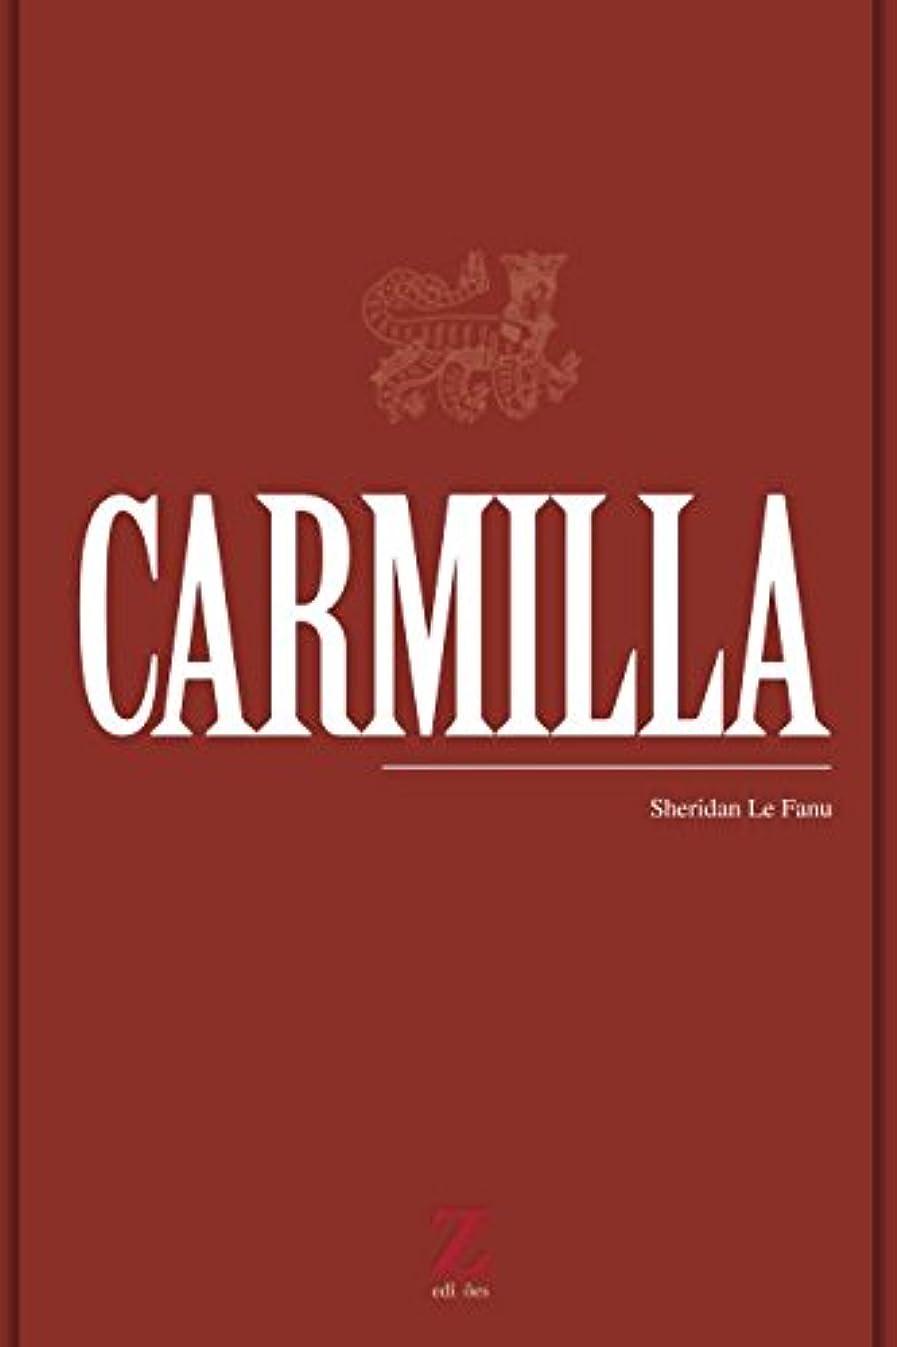 デッキハードウェア滴下Carmilla